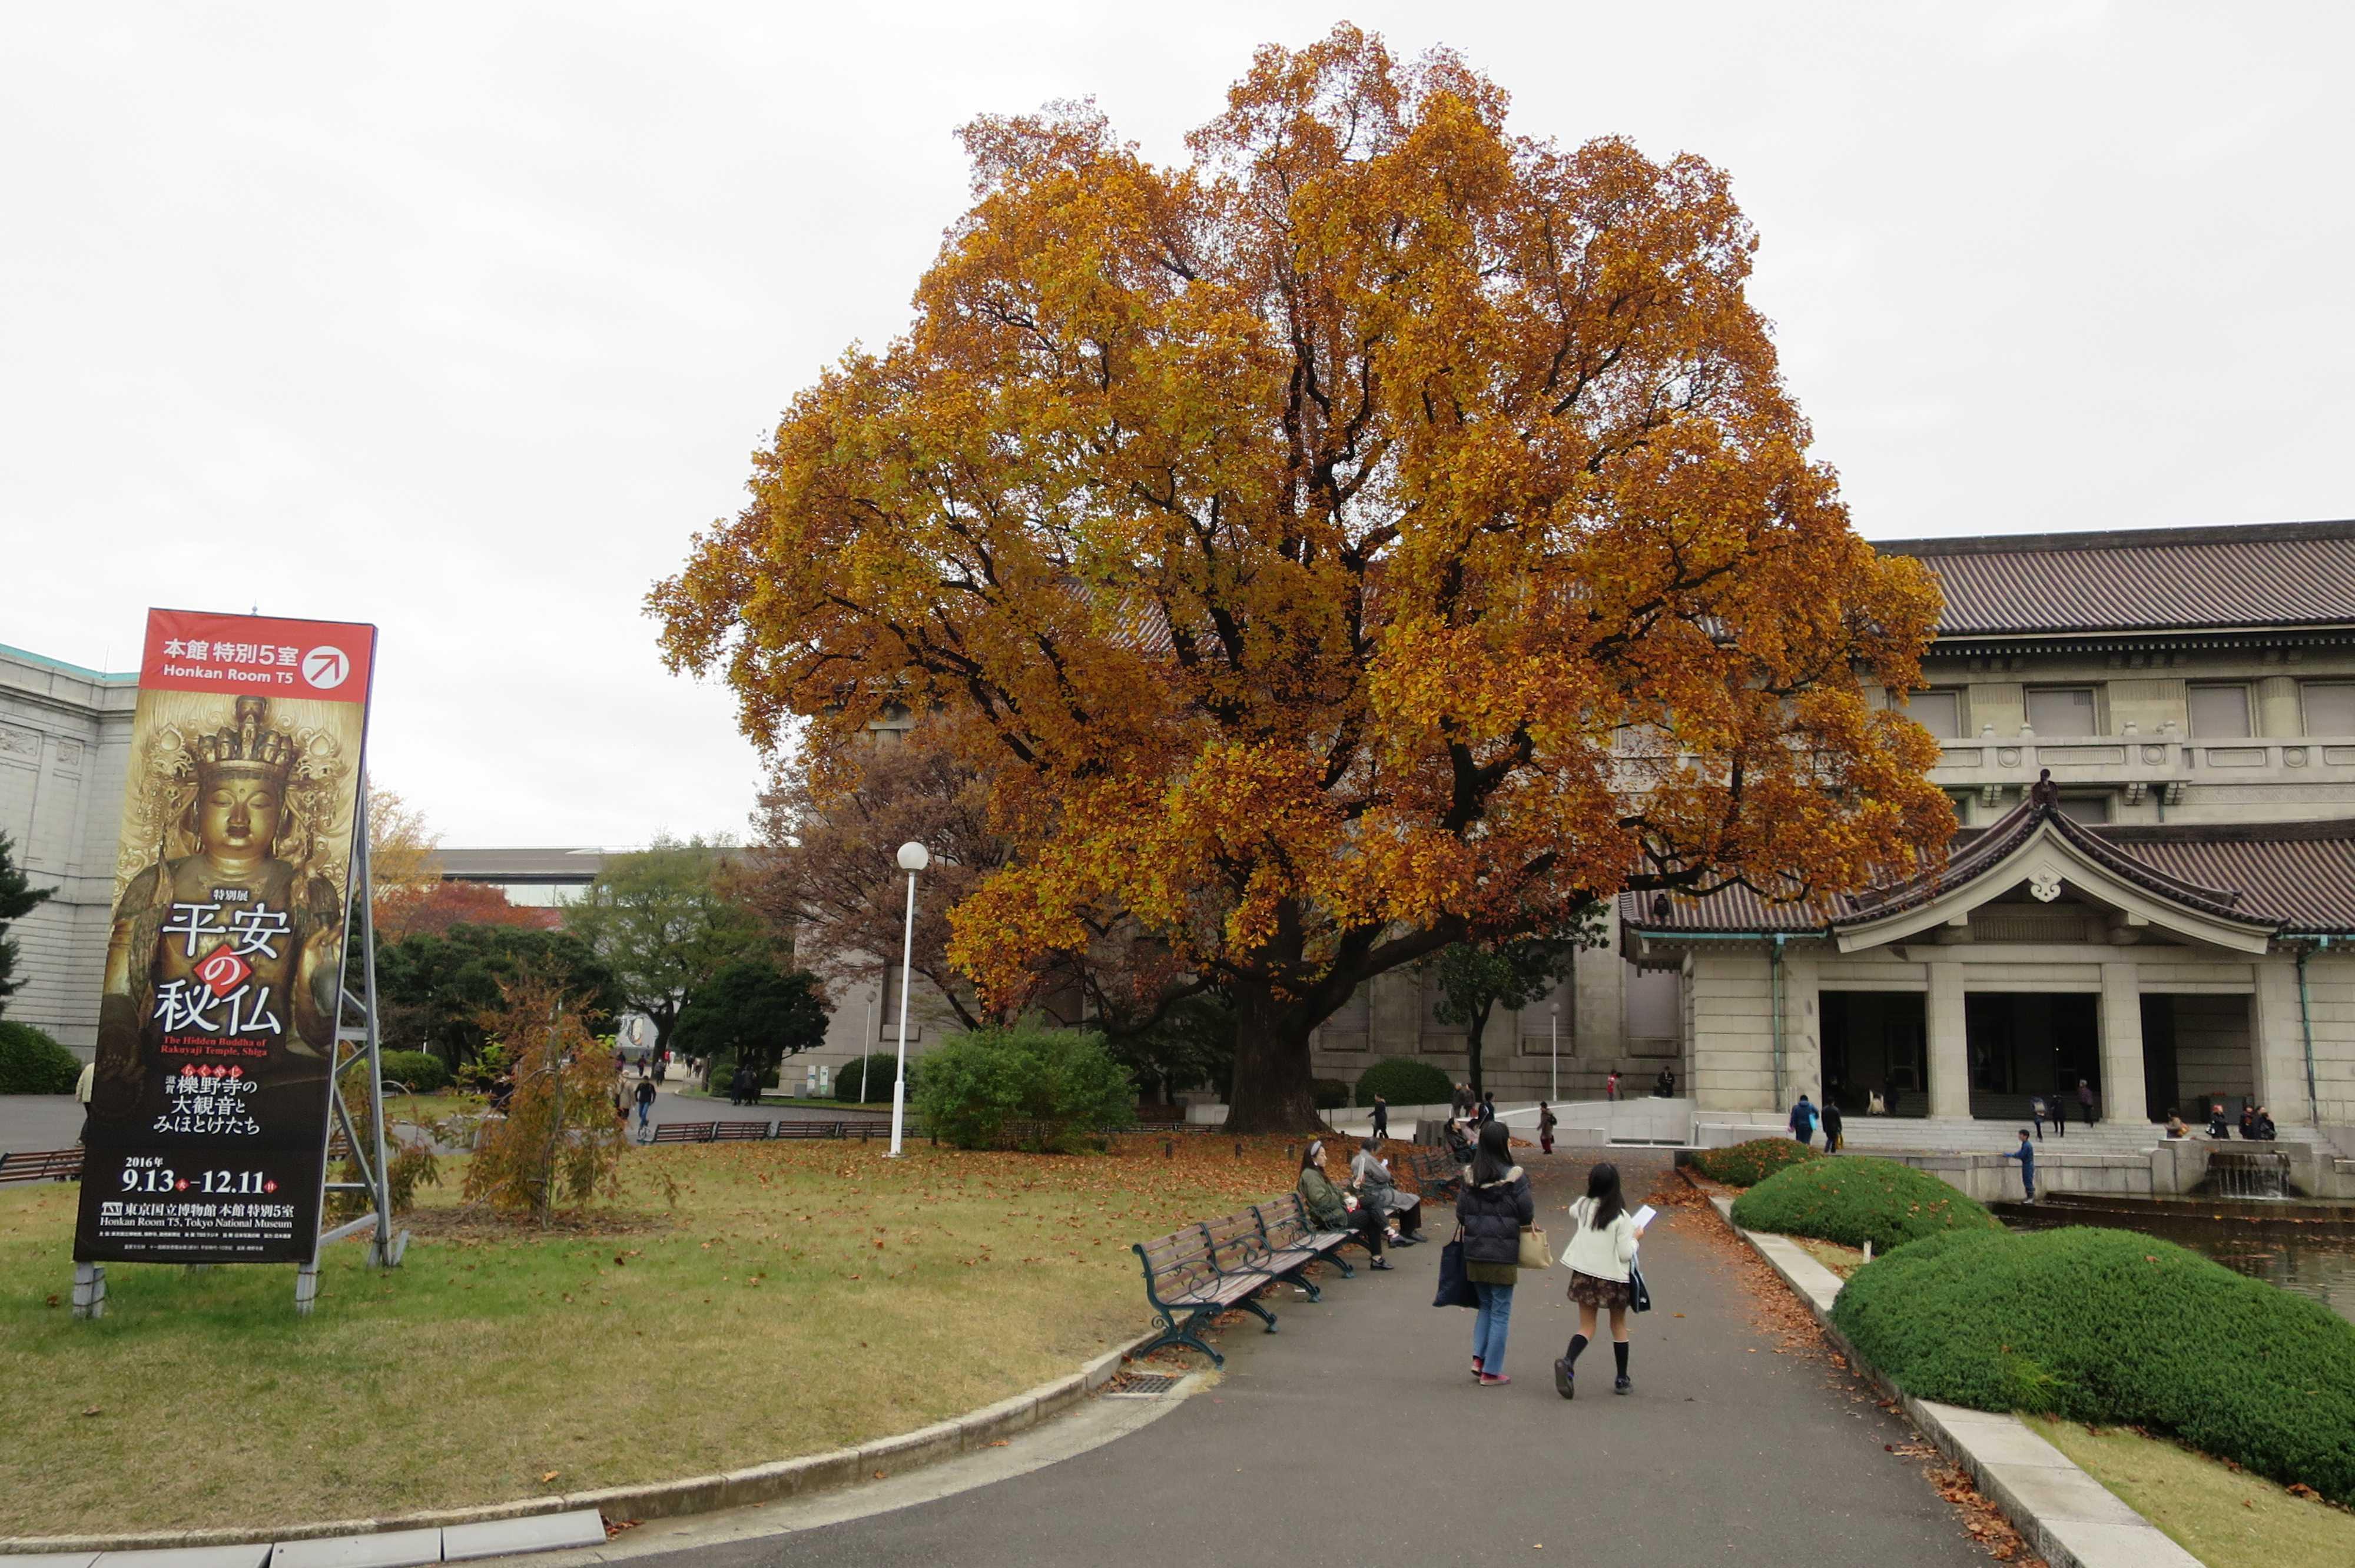 東京国立博物館のユリノキ(百合の木)